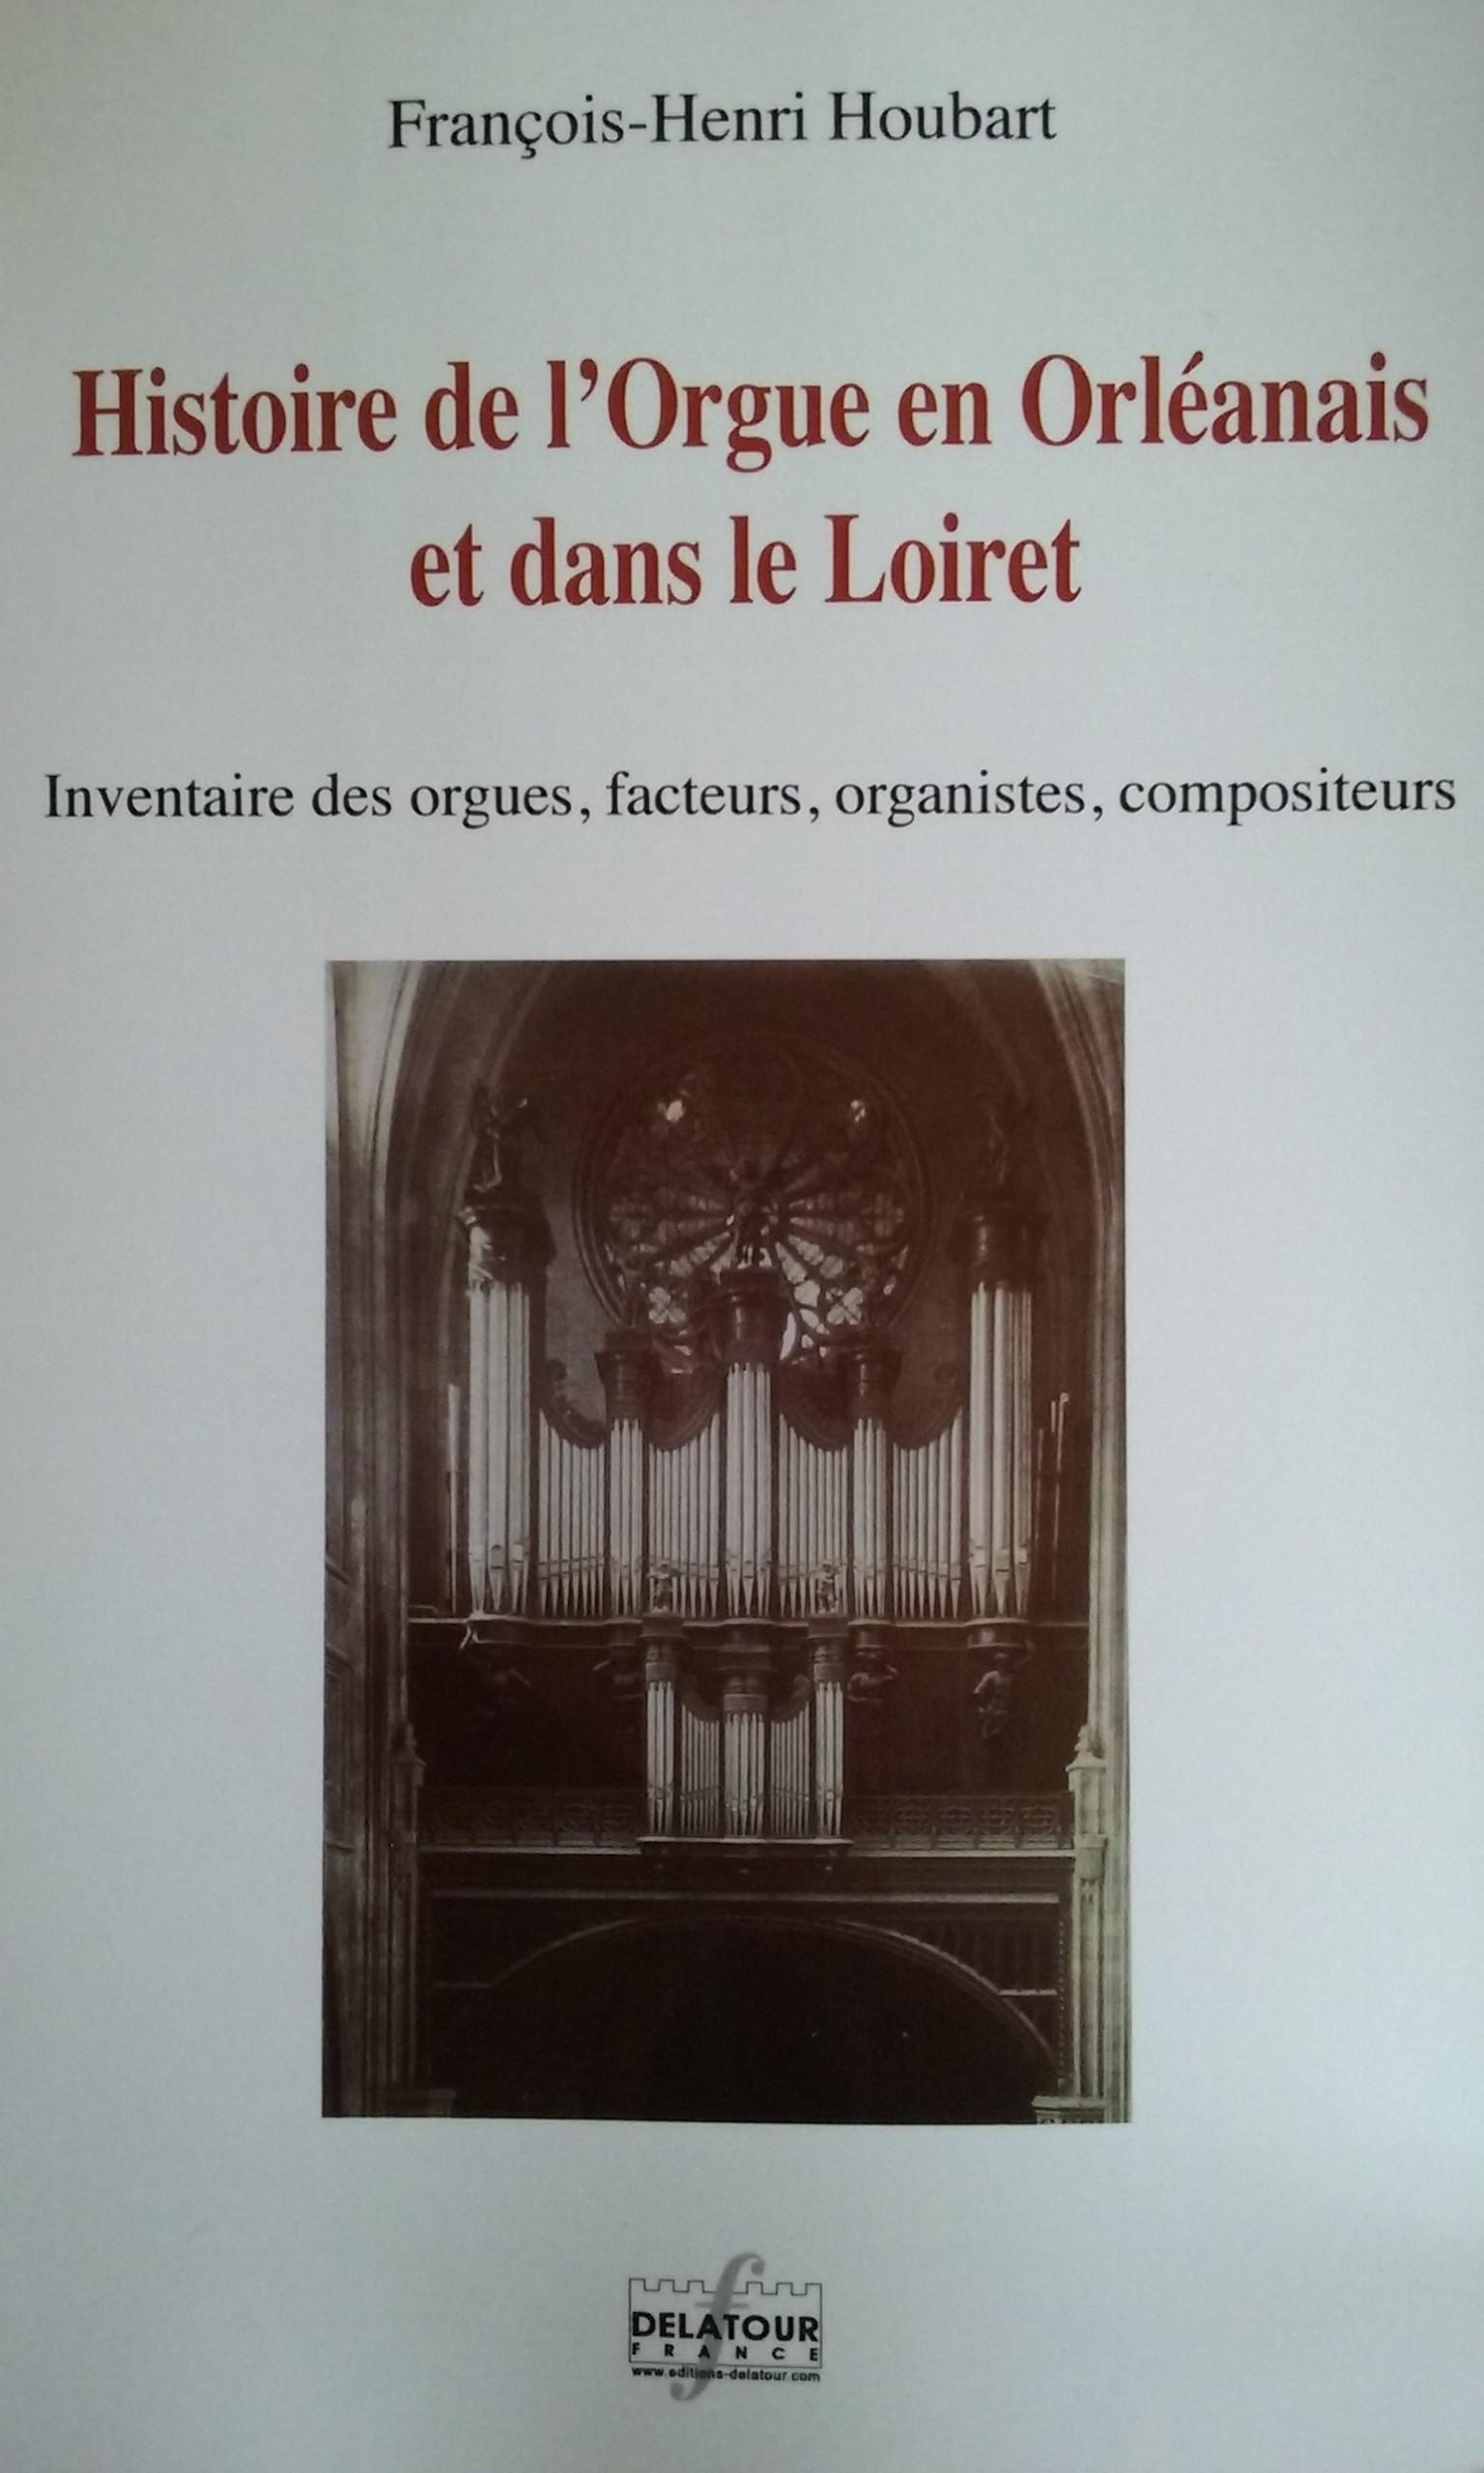 Publication : Histoire de l'Orgue en Orléanais et dans le Loiret par François-Henri Houbart